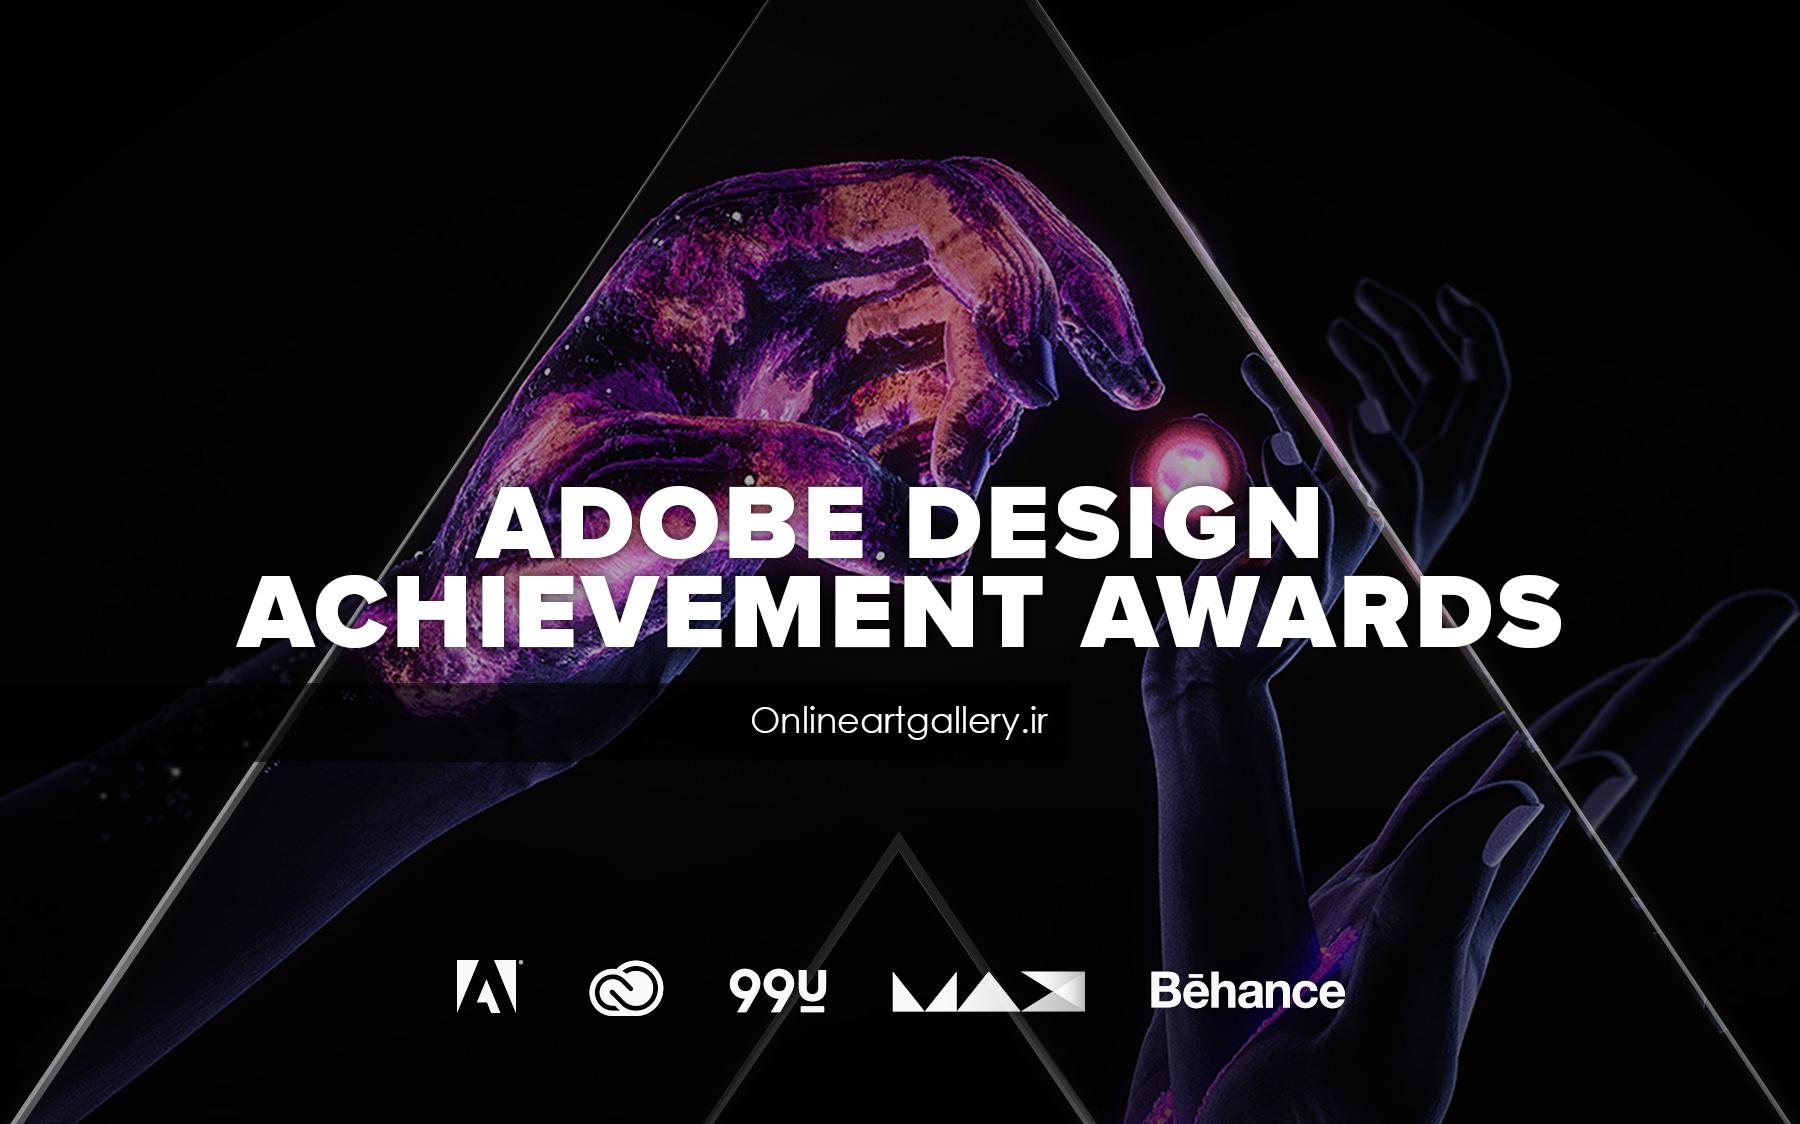 فراخوان جایزه Adobe Design Achievement